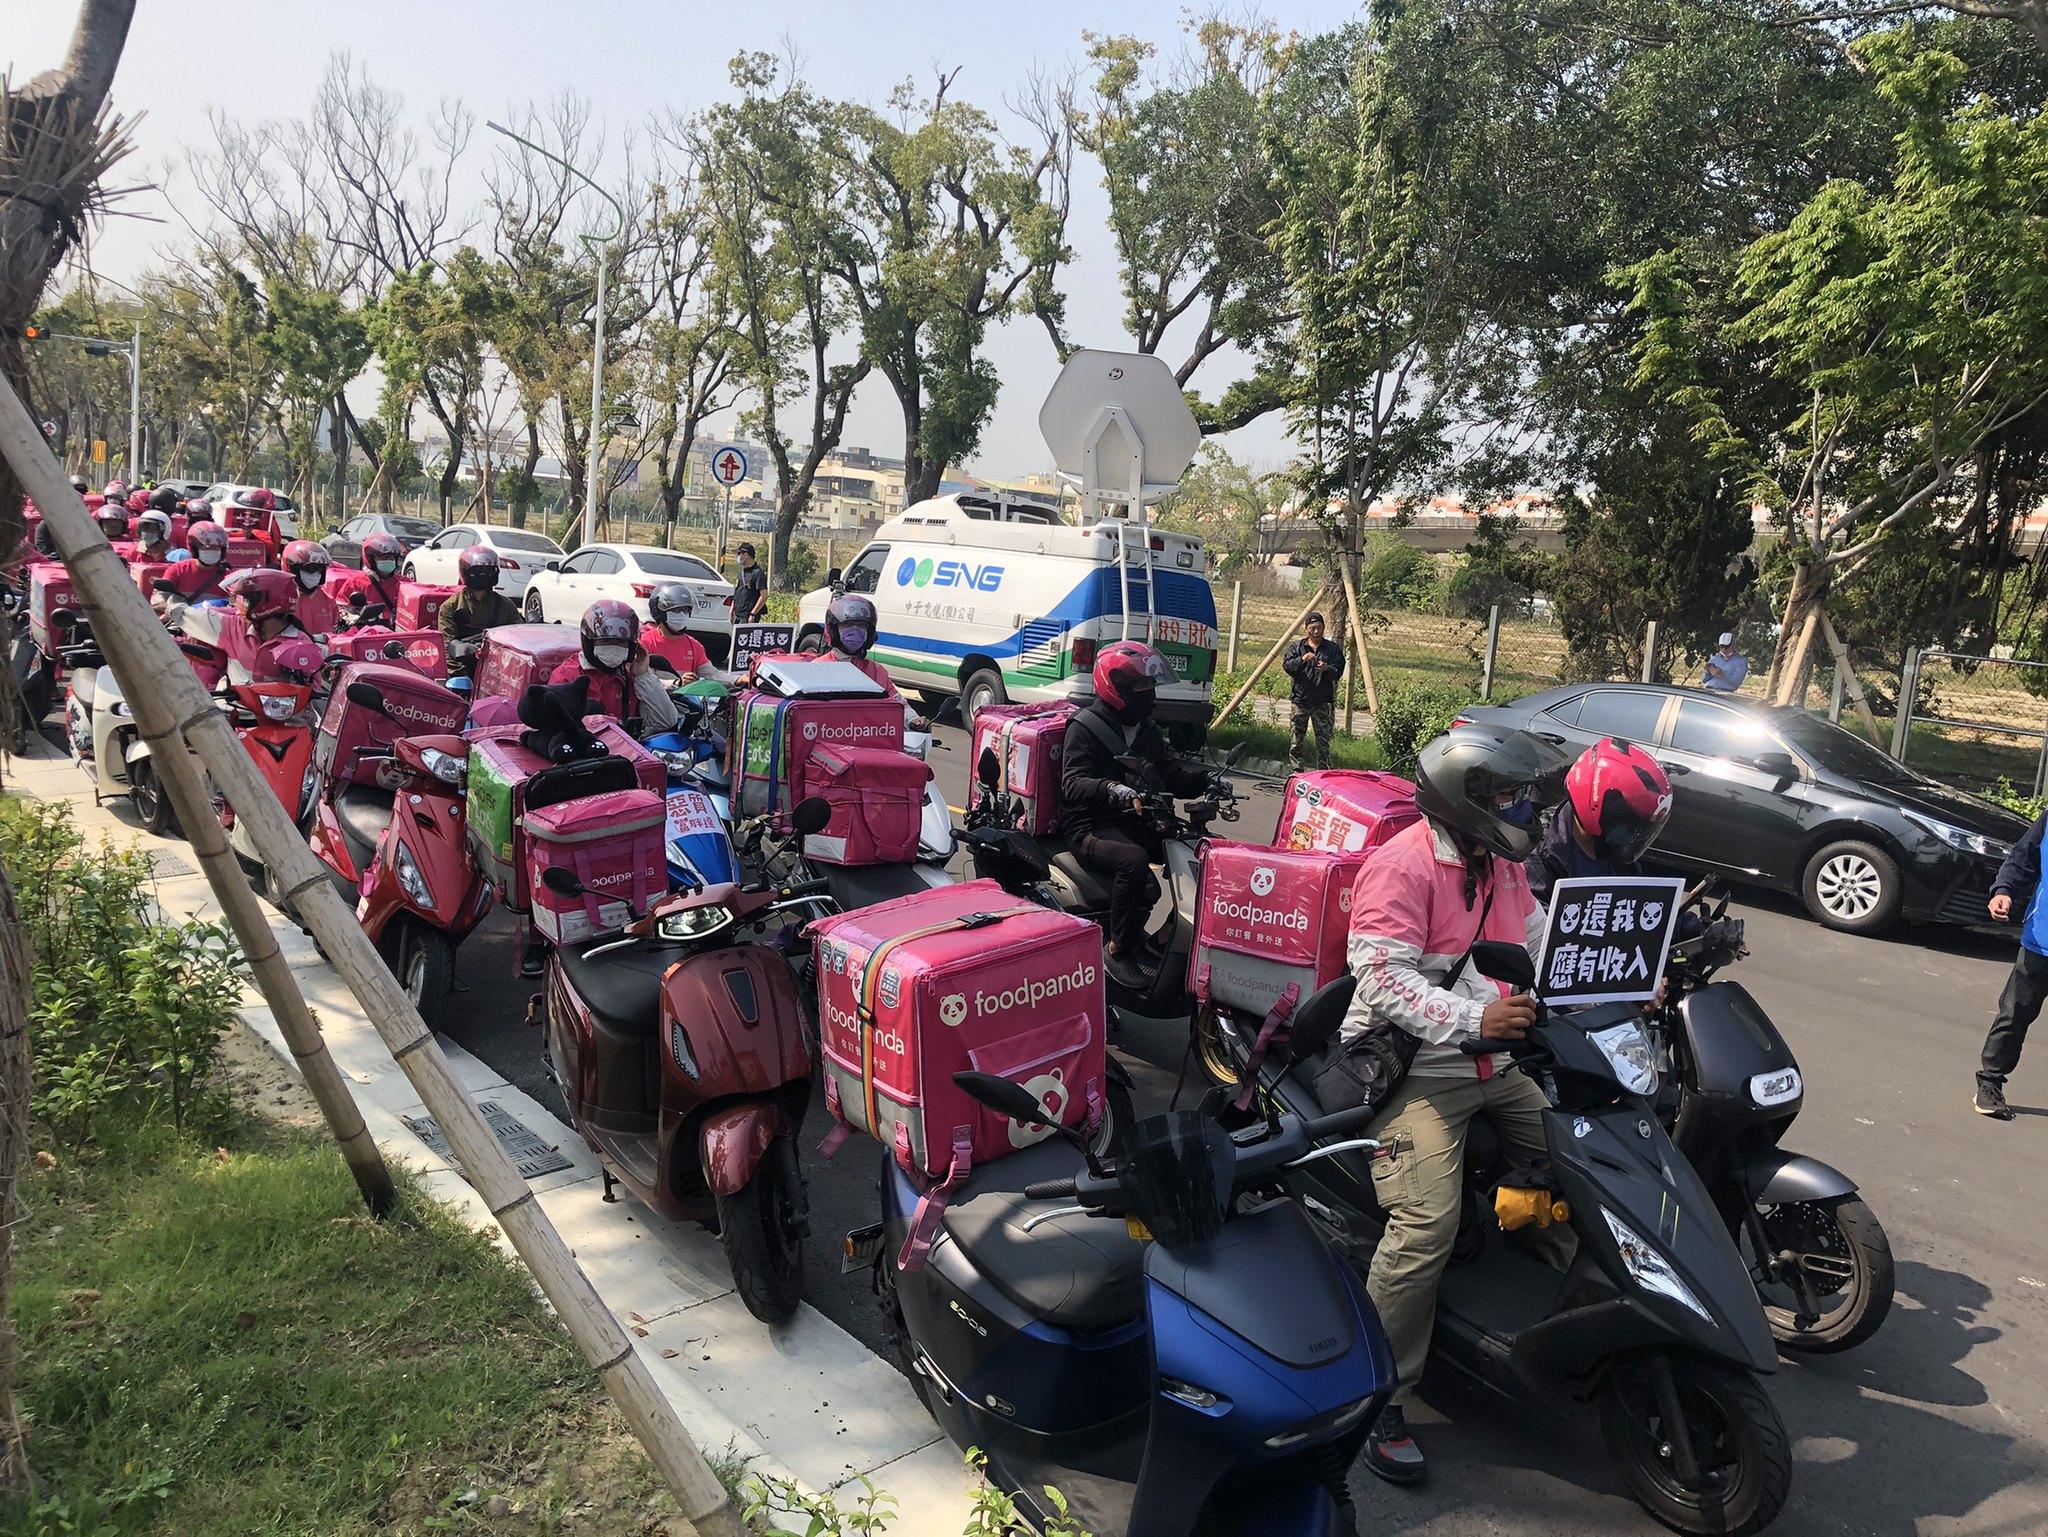 熊貓外送員呼籲公司將薪資改回舊制,否則將不定期串聯罷送抗議。(讀者提供)